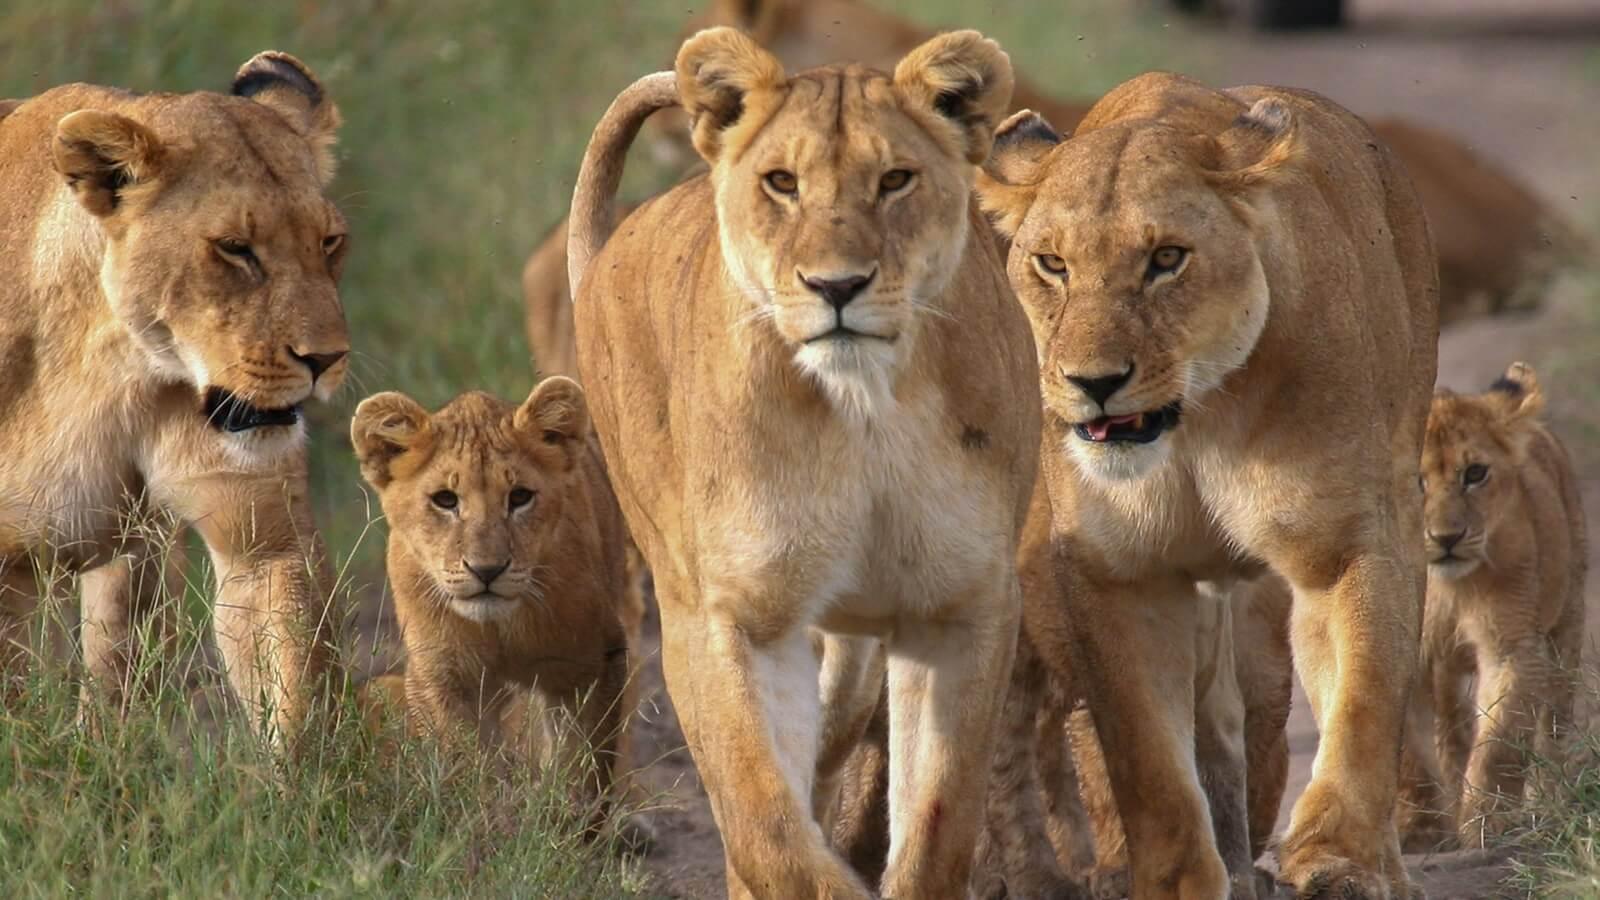 Tanzania's wildlife parks turn sixty